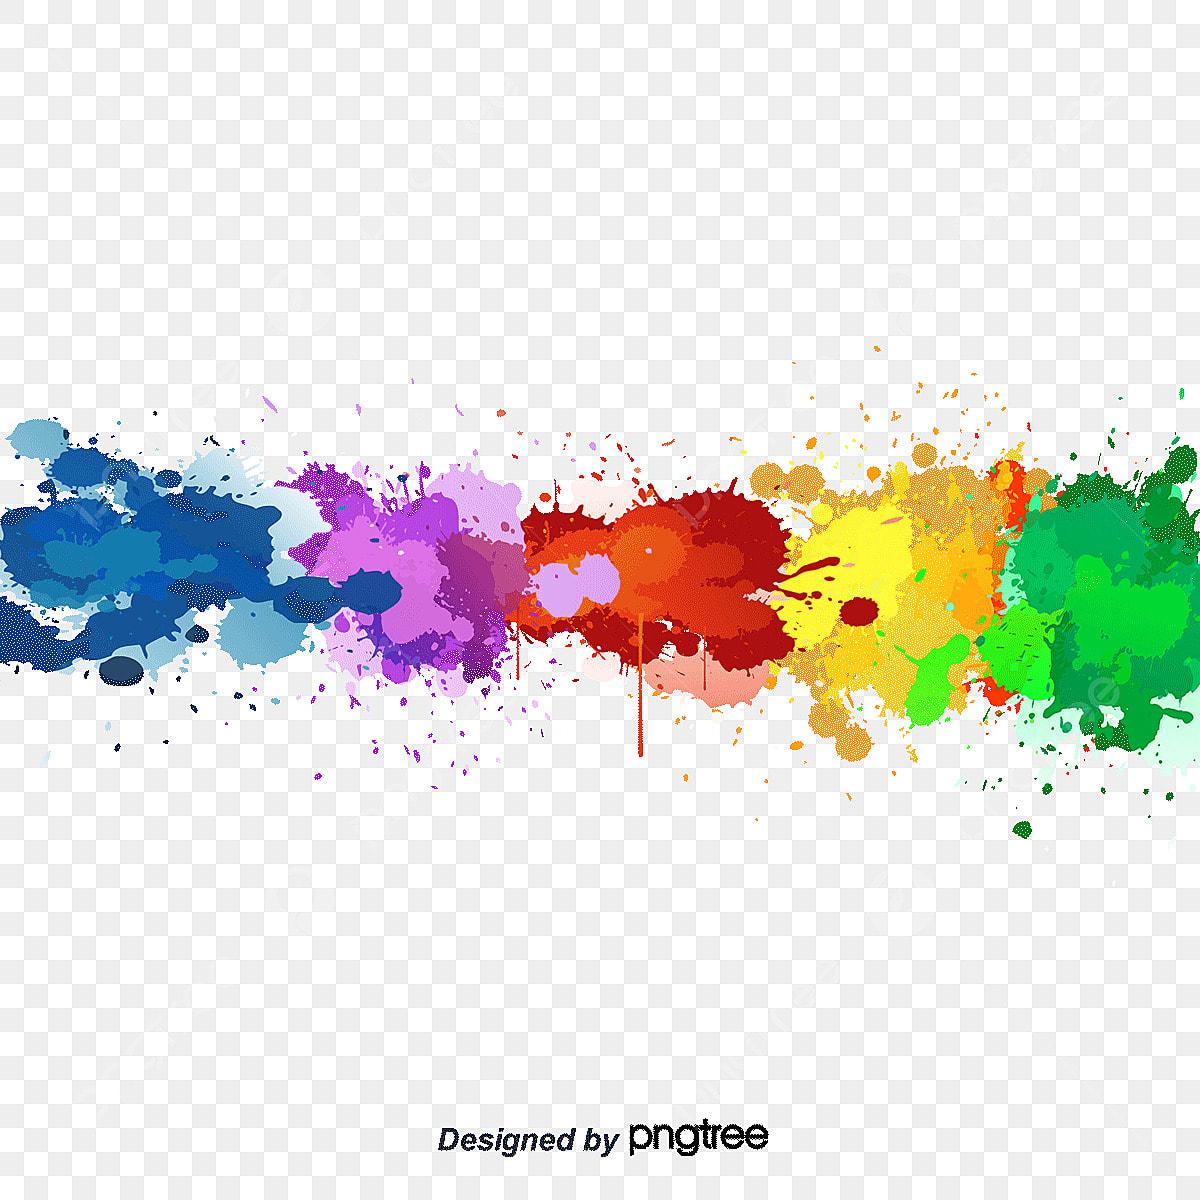 ベクター素材 イラスト フリー 水彩絵の具 背景 素材 Wwwthetupiancom